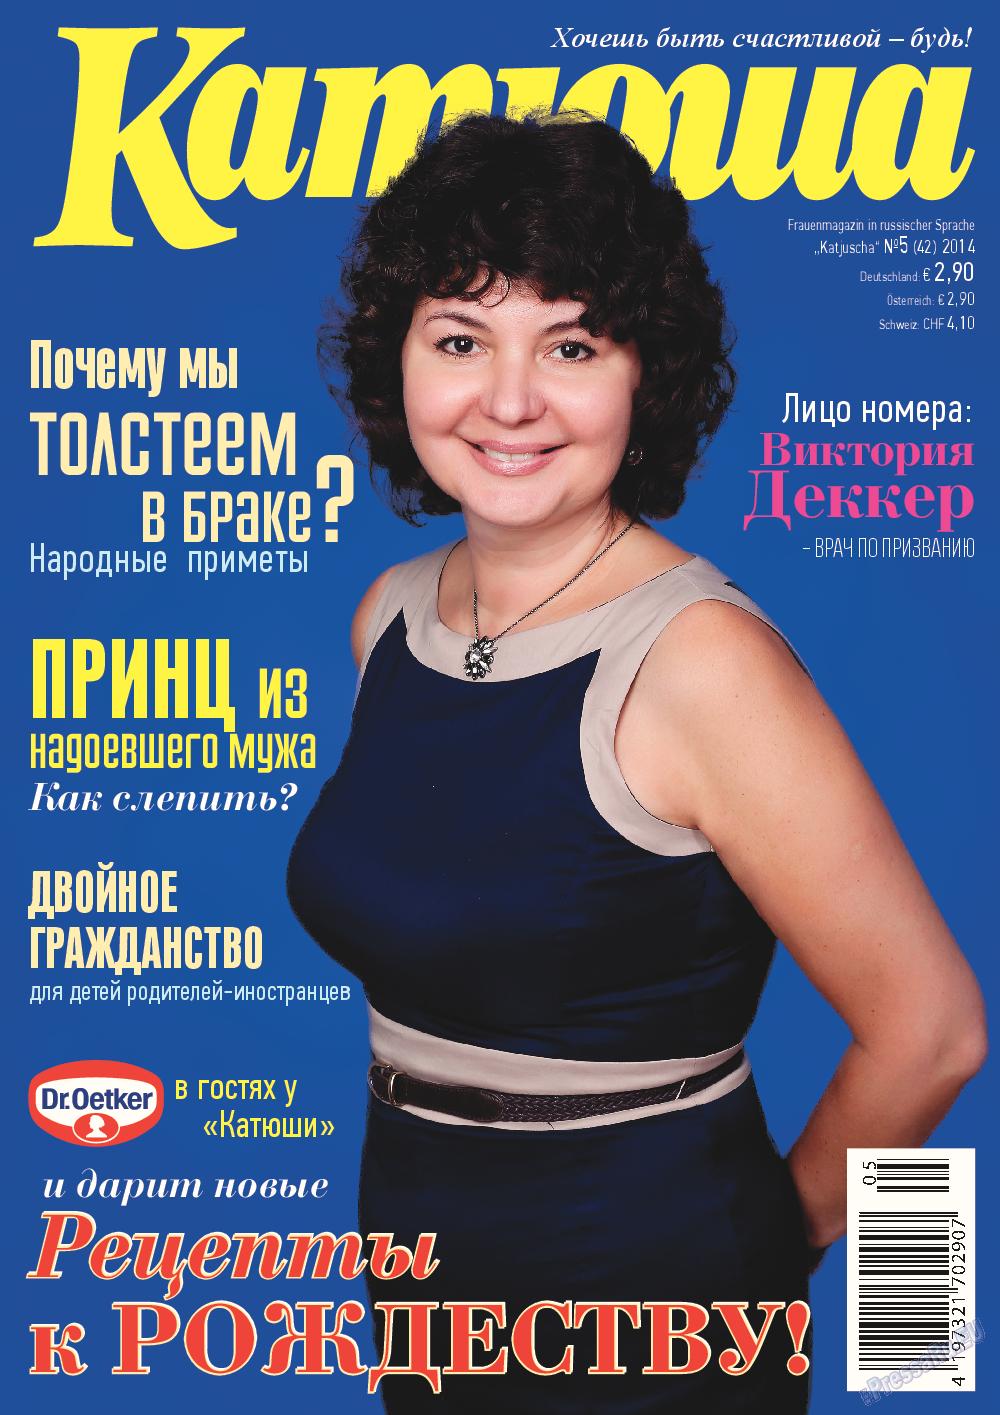 Катюша (журнал). 2014 год, номер 42, стр. 1